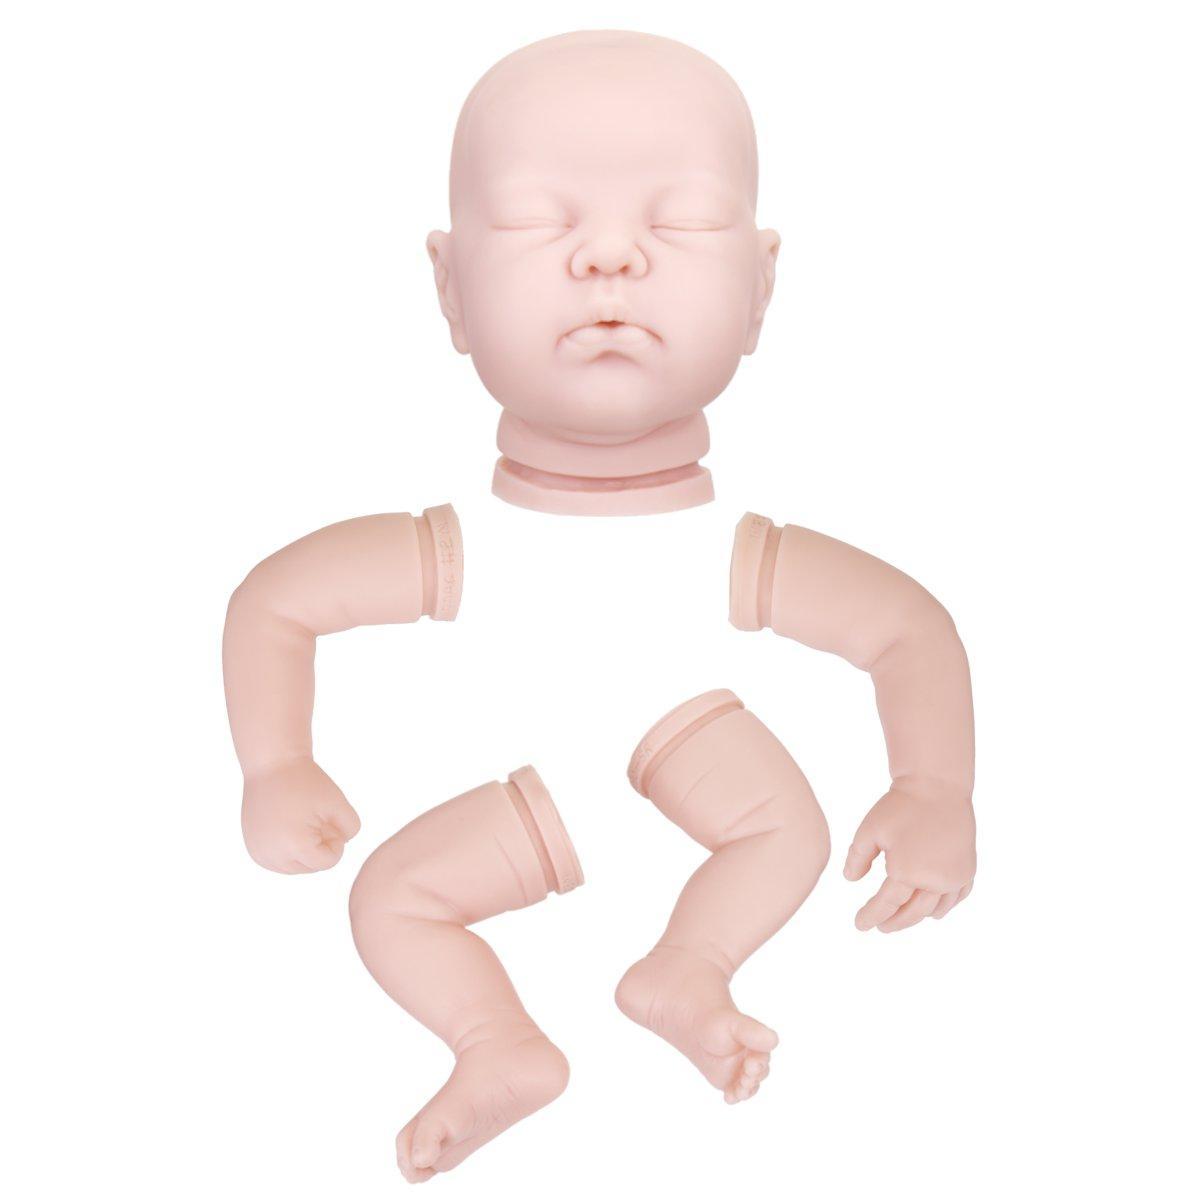 ViniloSiliconaDIYAccesoriosparamuñecas Reborn Regalos para niños pequeños sin cuerpo